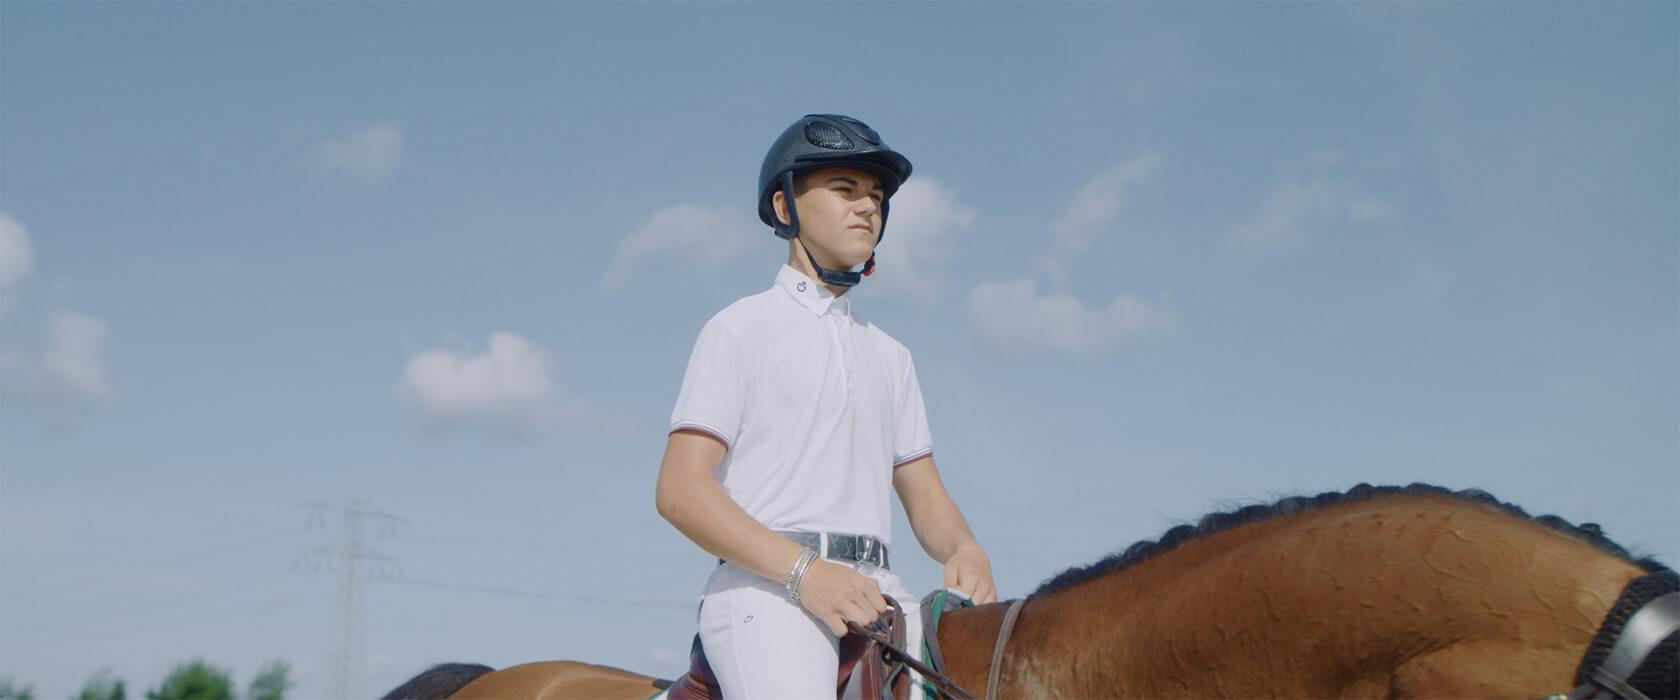 film_still_horses5_1680x700